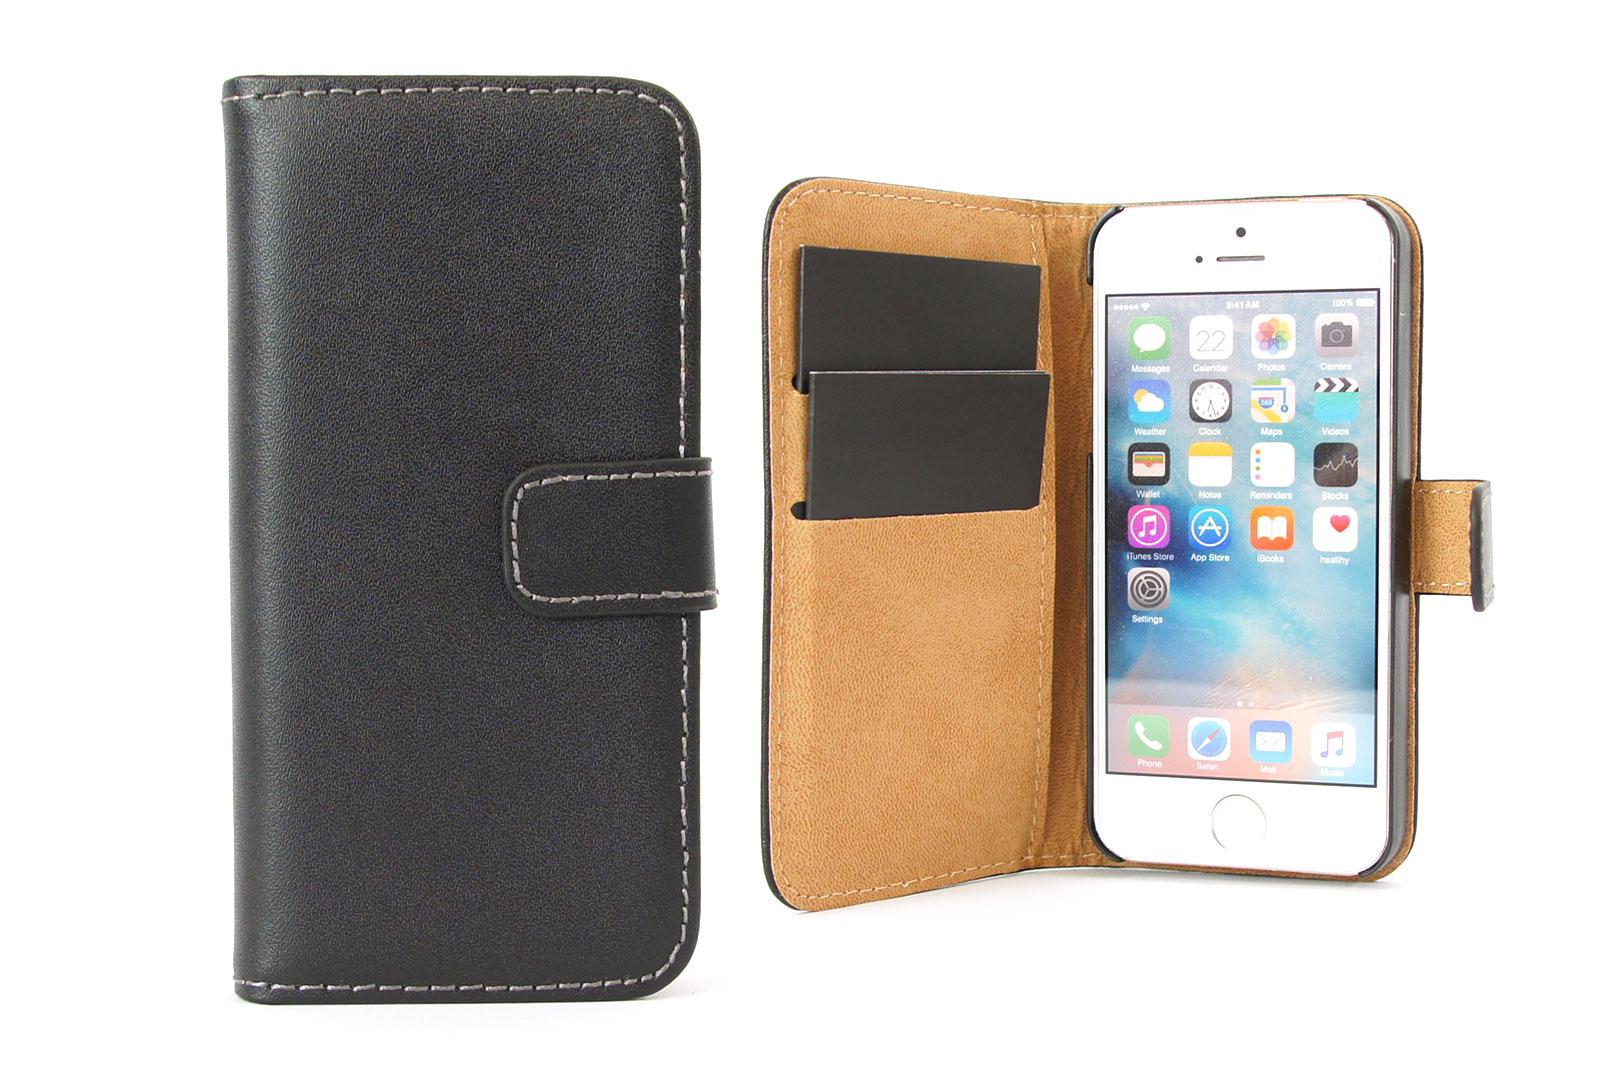 tui portefeuille soft en simili cuir noir pour iphone se iphone 5 et iphone 5s. Black Bedroom Furniture Sets. Home Design Ideas